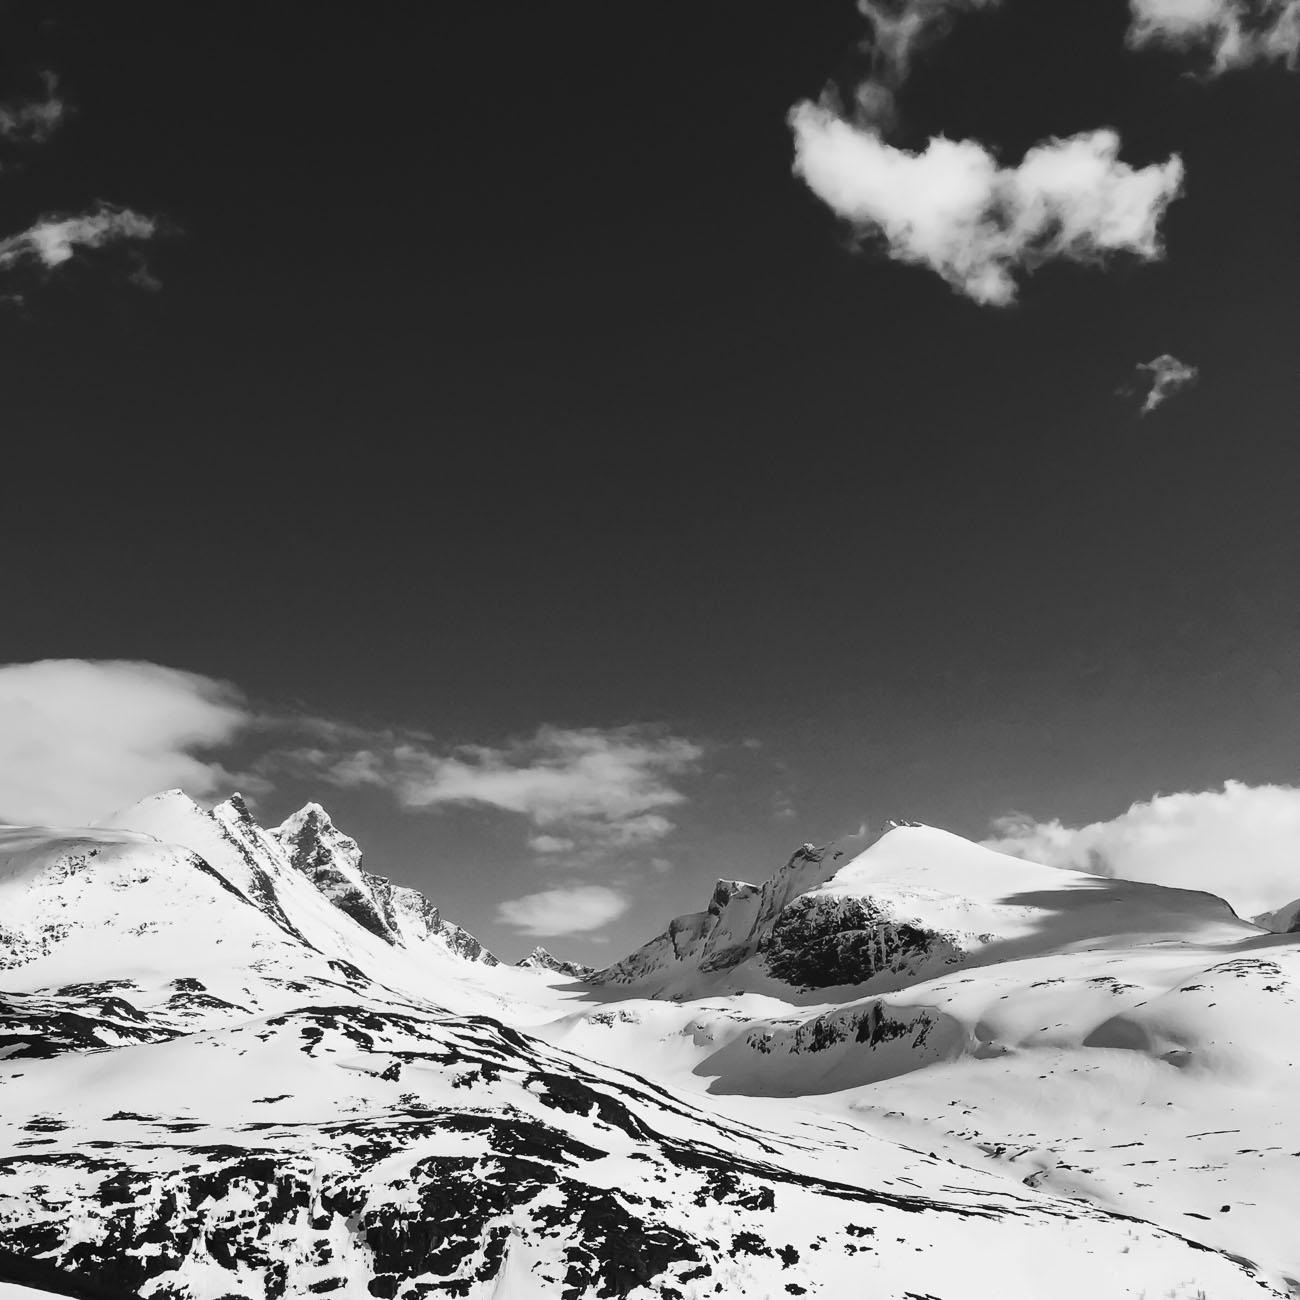 Jotunheimen - Noruega - JESUS RODRIGUEZ, FOTOGRAFIA DE NATURALEZA